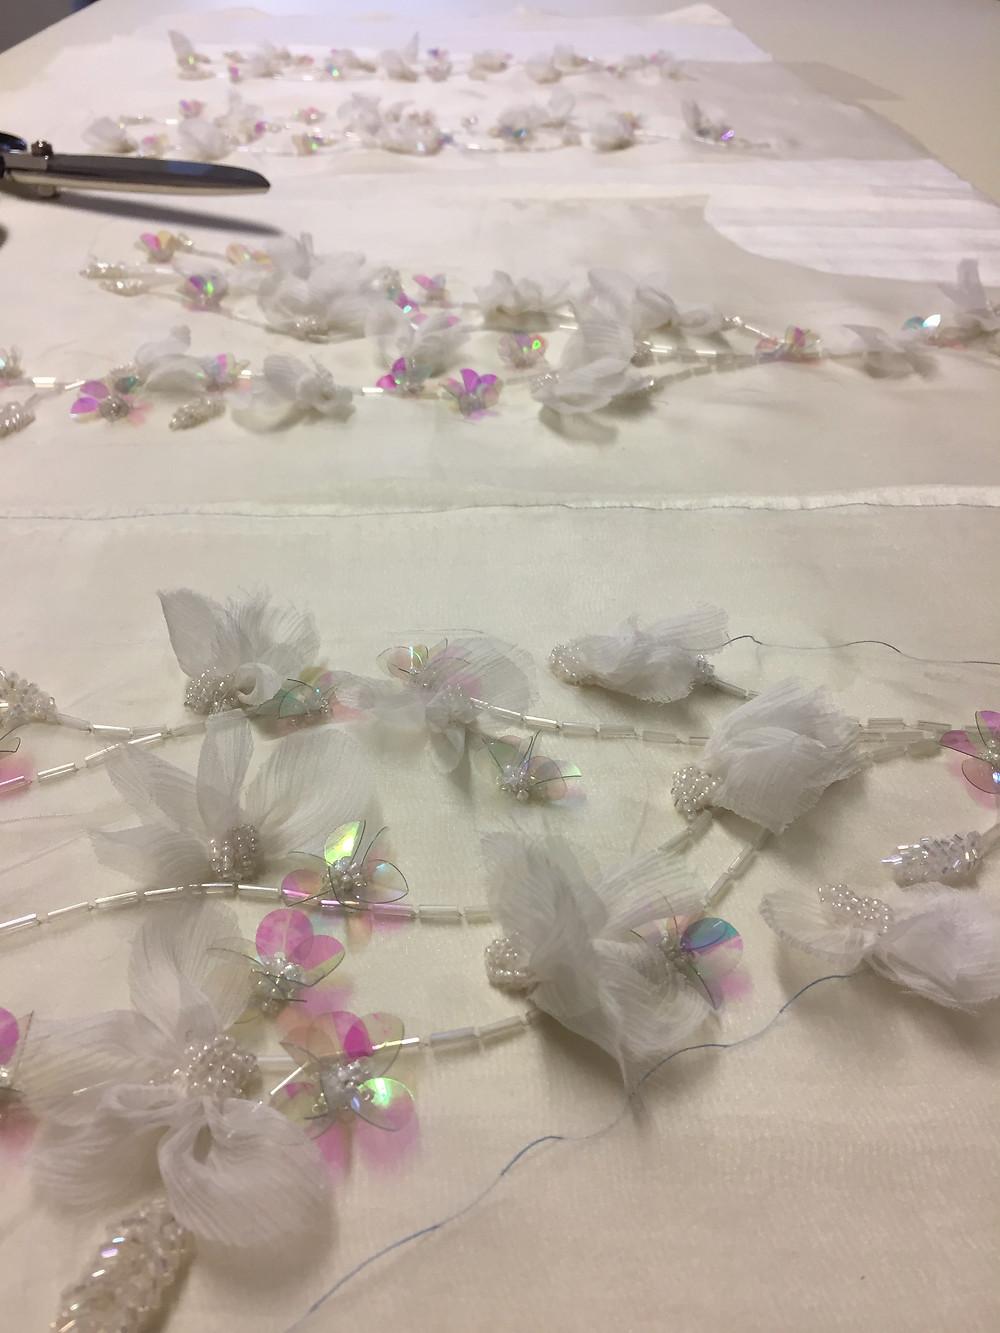 ricamo d0alta moda, utilizzando la tecnica di Luneville, su un abito da sposa, a Firenze